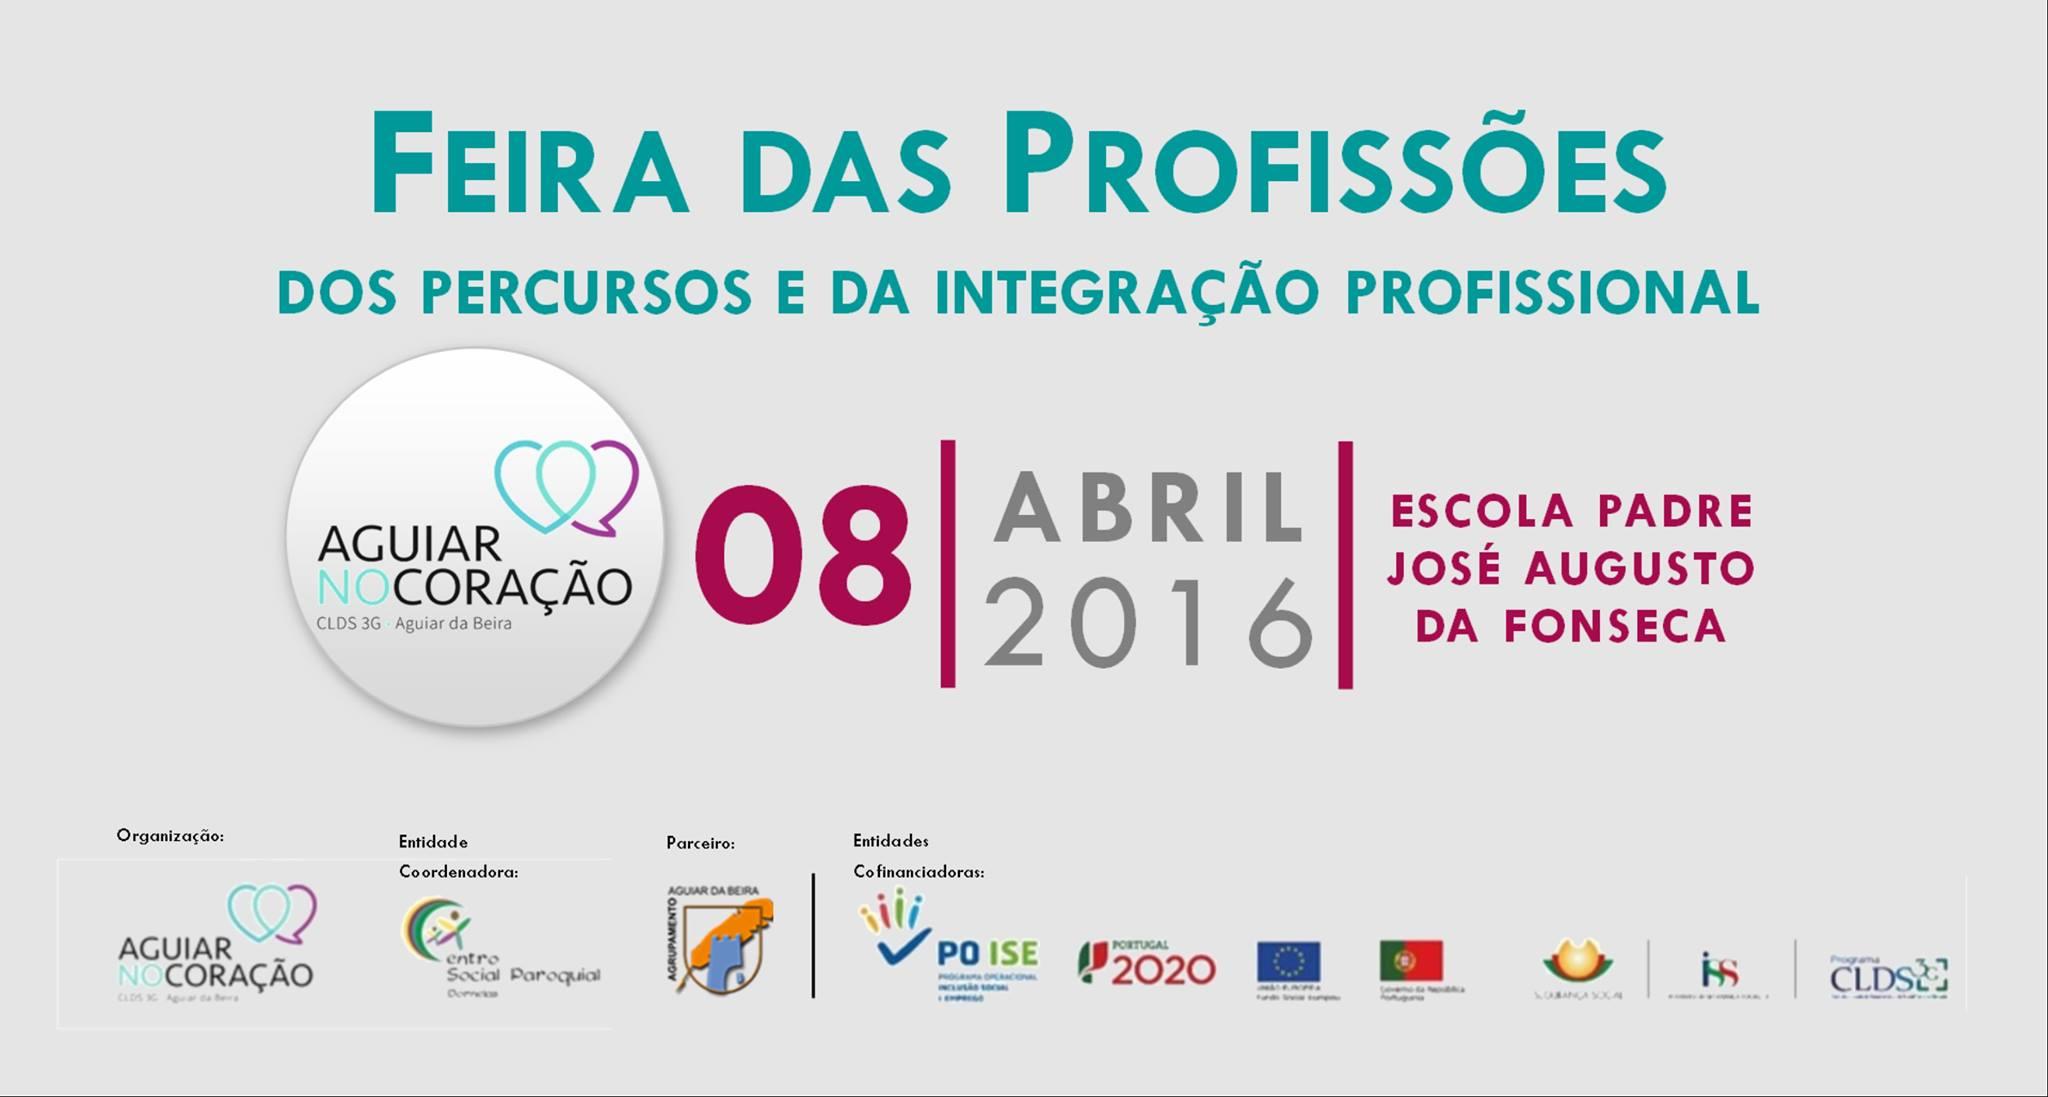 Feira_das_Profissões